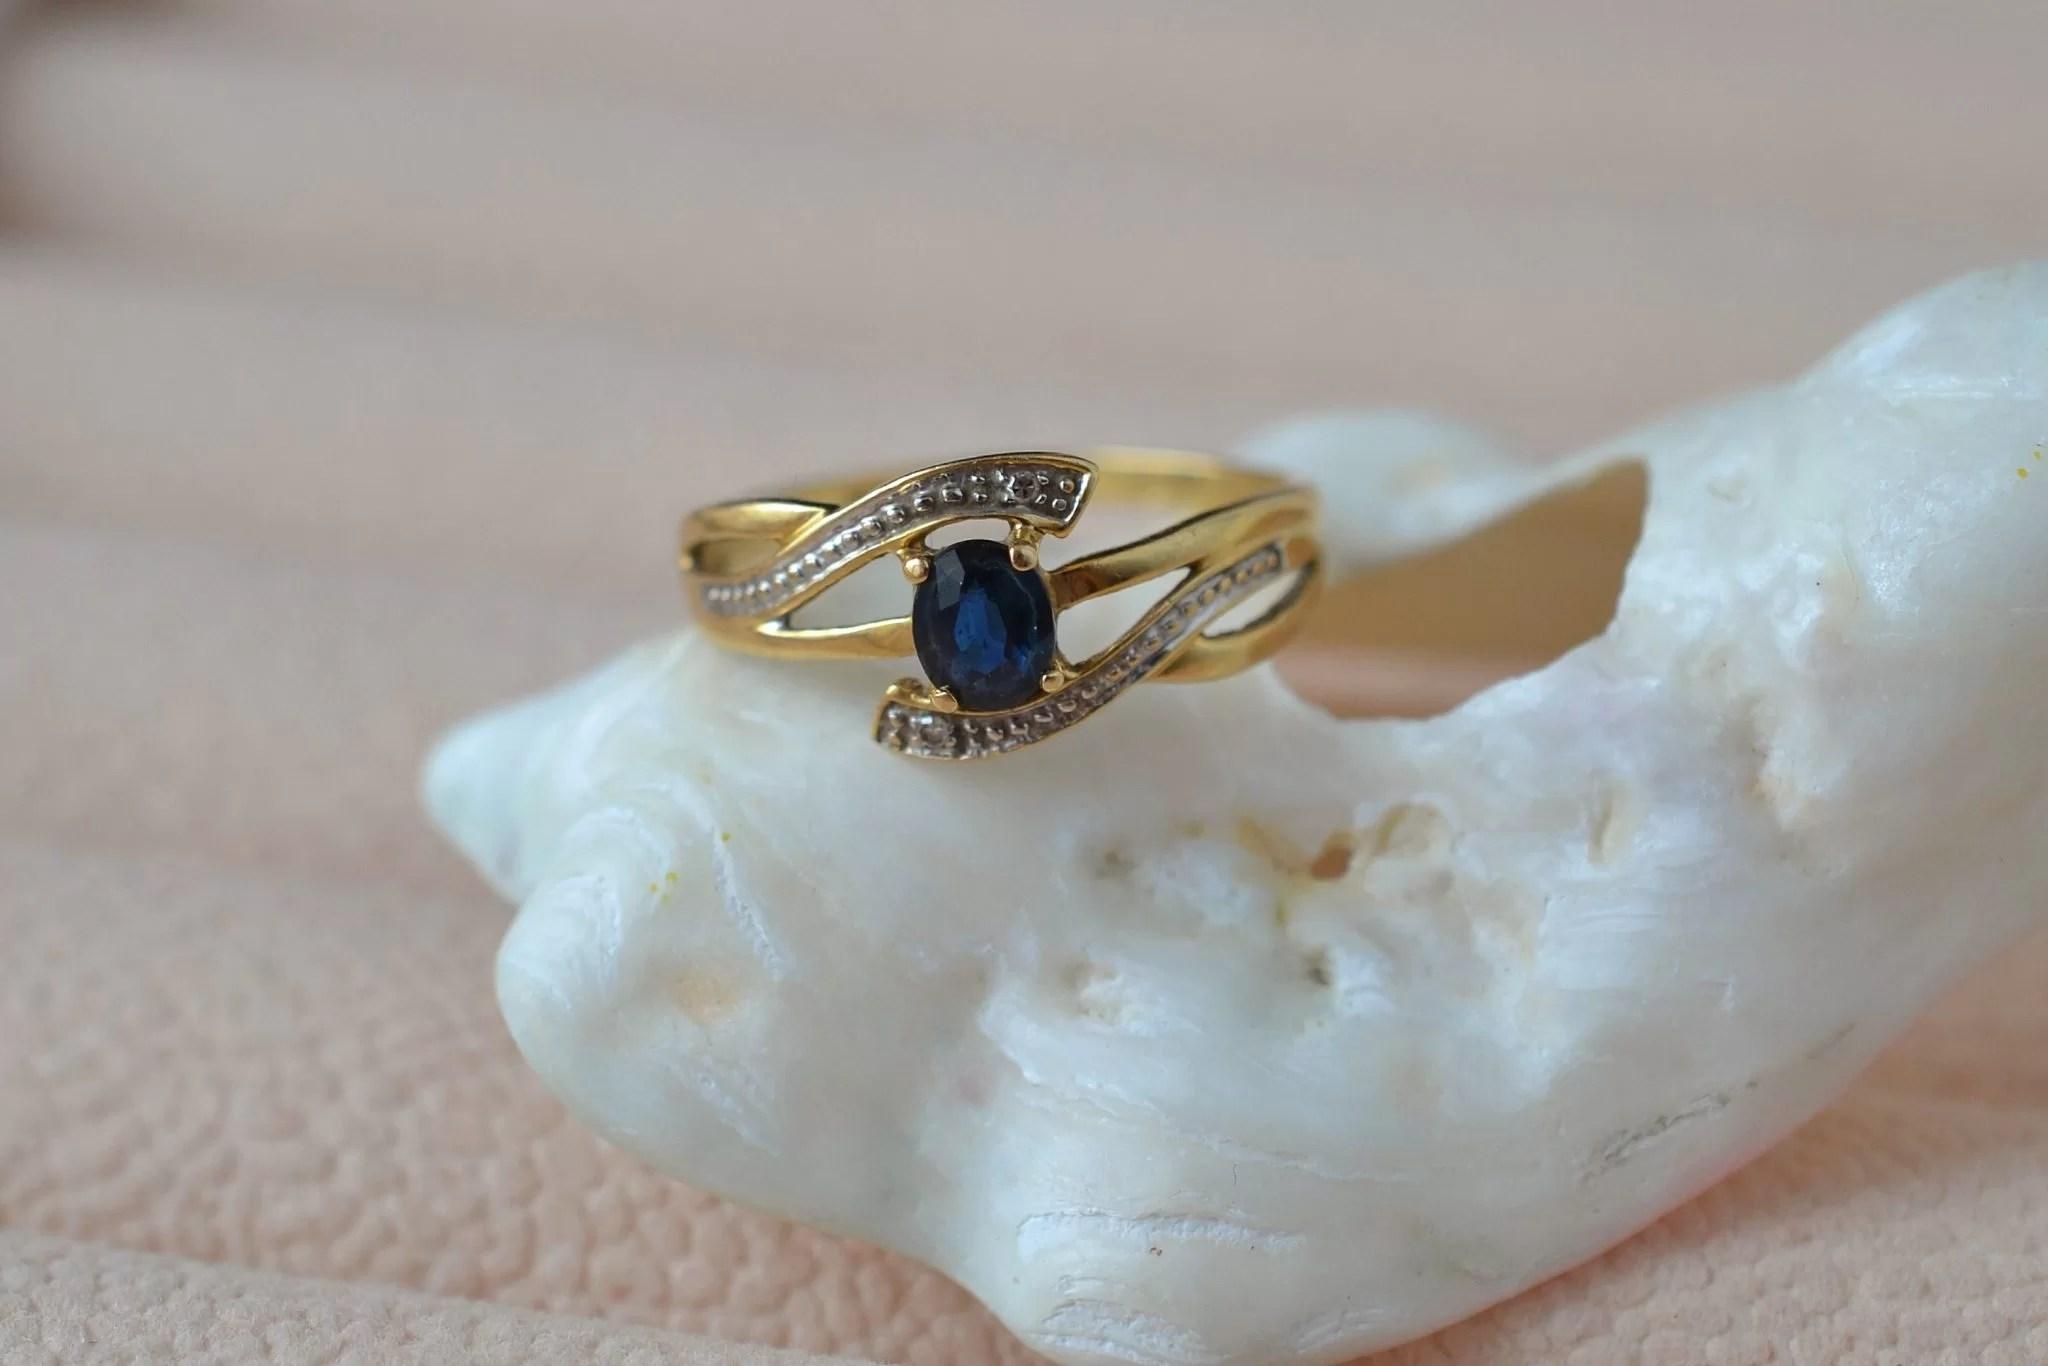 Bague ajourée en Or jaune et Or blanc sertie d_un saphir et de deux petits diamants - bague de fiançailles Vintage